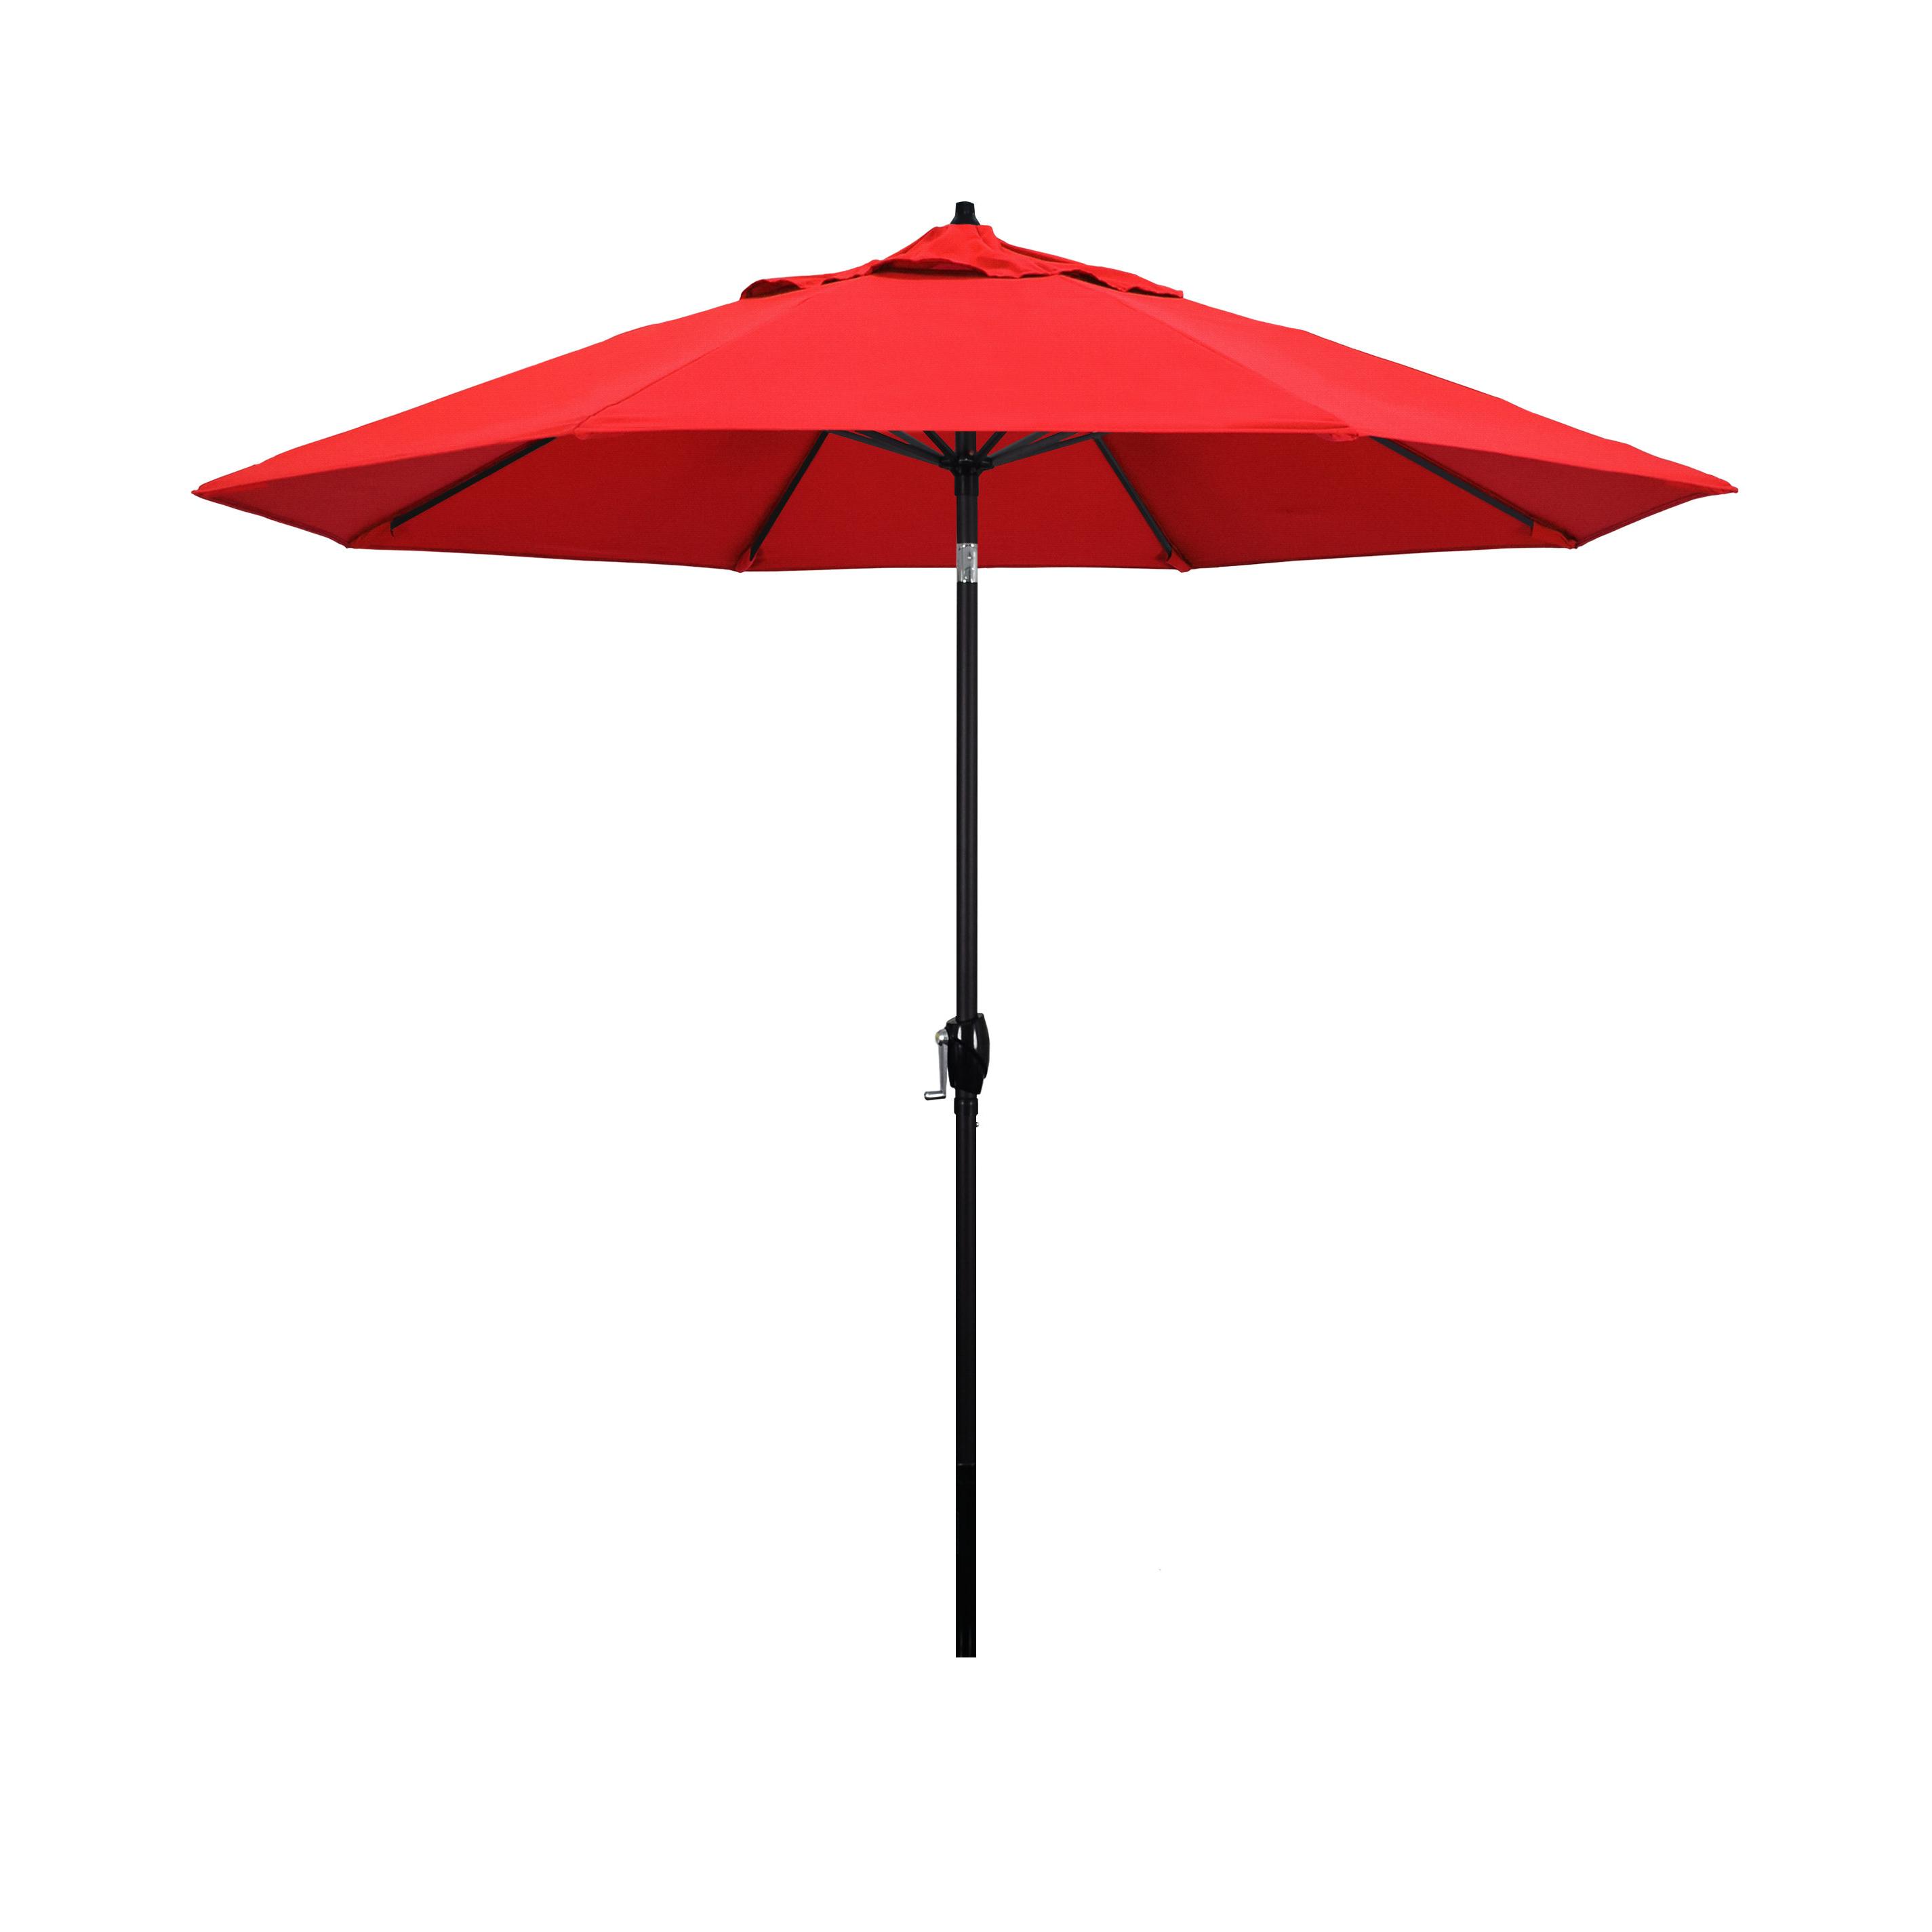 Most Current 9' Market Sunbrella Umbrella Regarding Caravelle Market Sunbrella Umbrellas (Gallery 9 of 20)